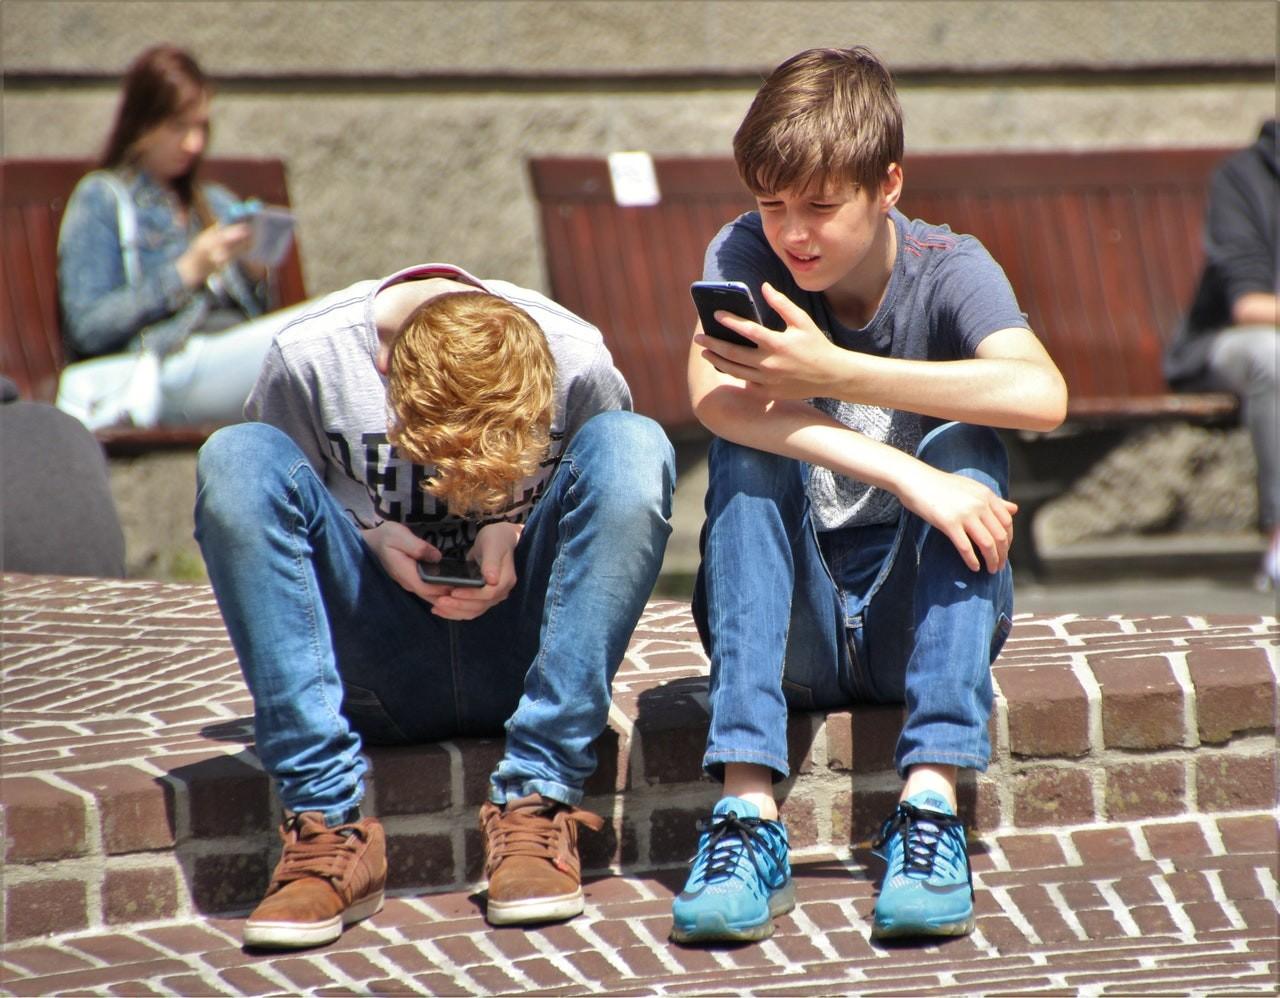 WhatsApp suspenderá cuentas de usuarios que no cumplan con la edad mínima necesaria para usar la app, según...